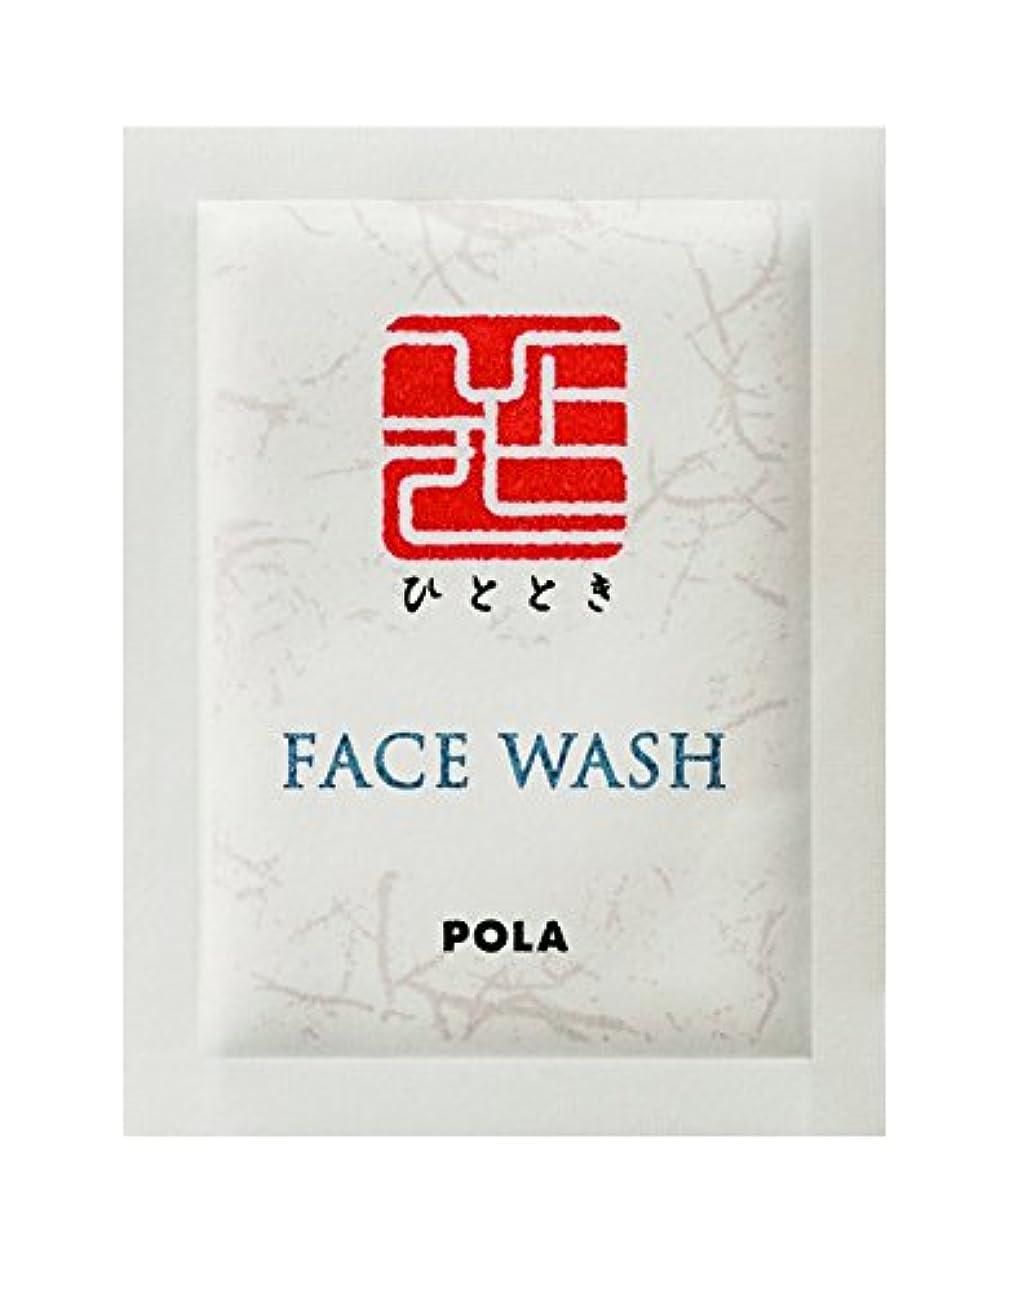 ウール全員情緒的POLA ひととき フェイスウォッシュ 洗顔料 個包装タイプ 2g×100包